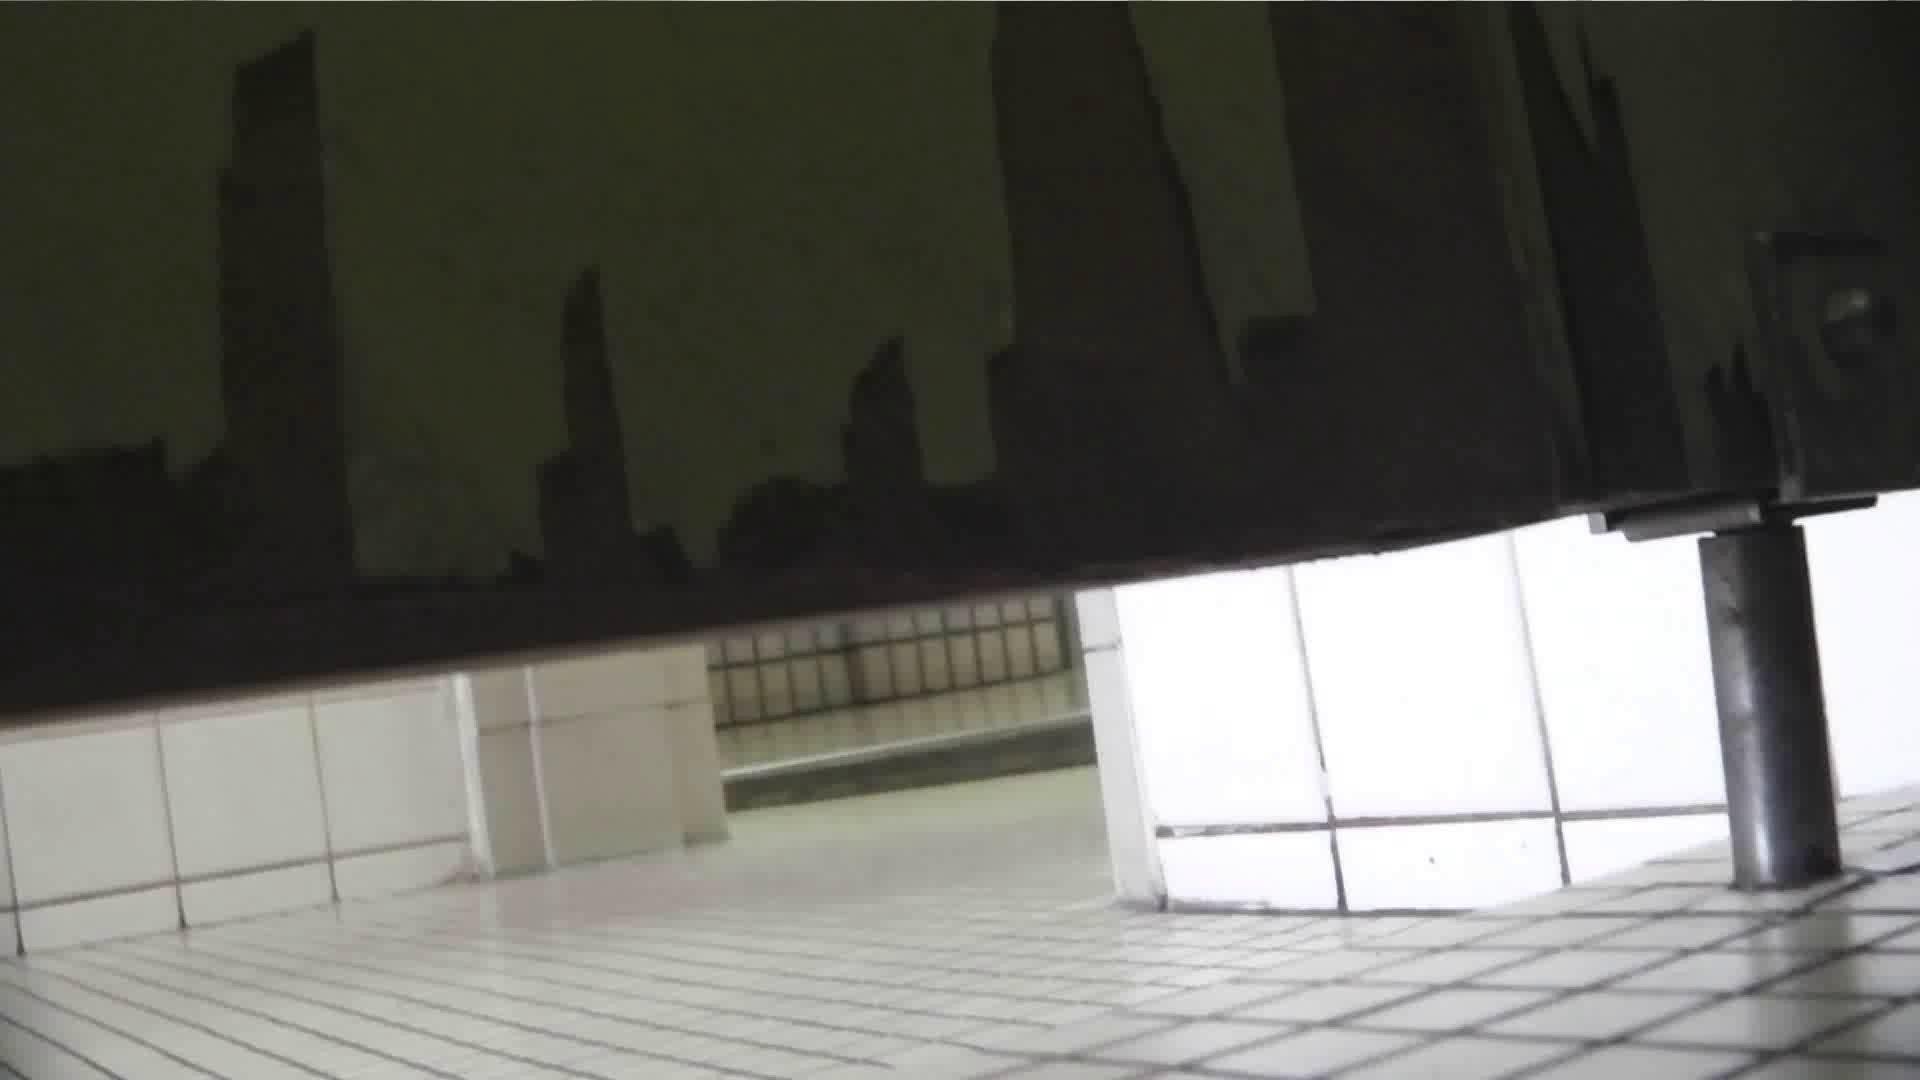 【美しき個室な世界】 vol.025 メガネ属性ヾ(´∀`)ノ 洗面所 | 高評価  84画像 82